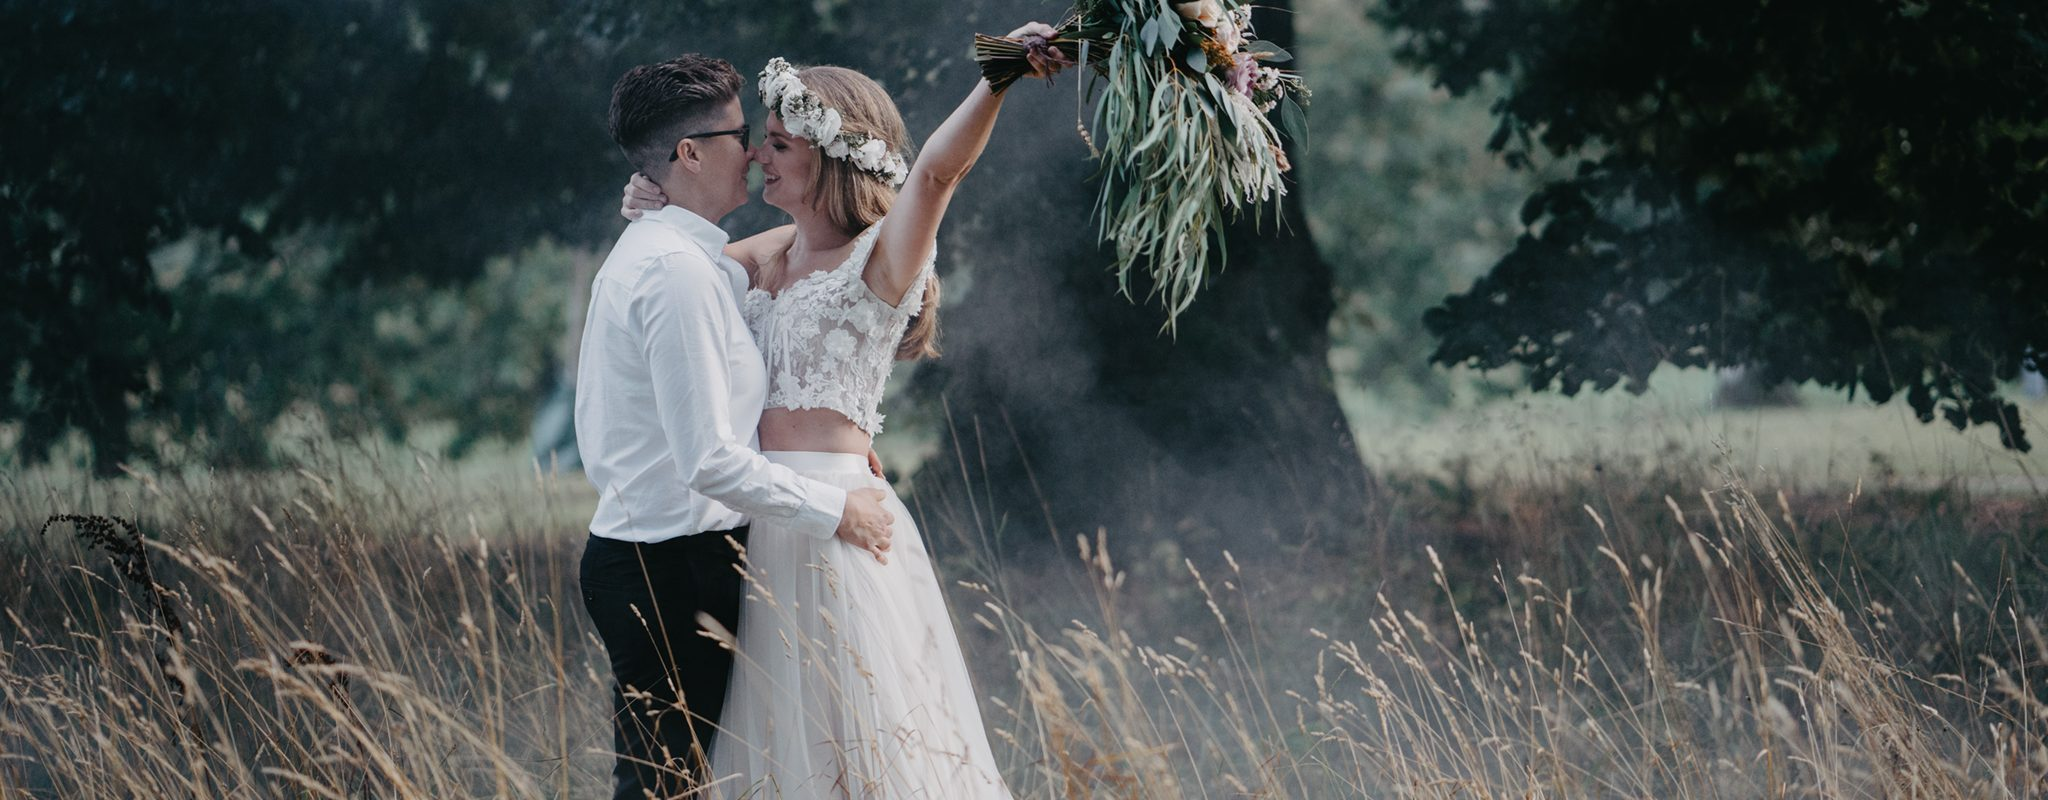 bröllopsfotograf uppsala sigtuna